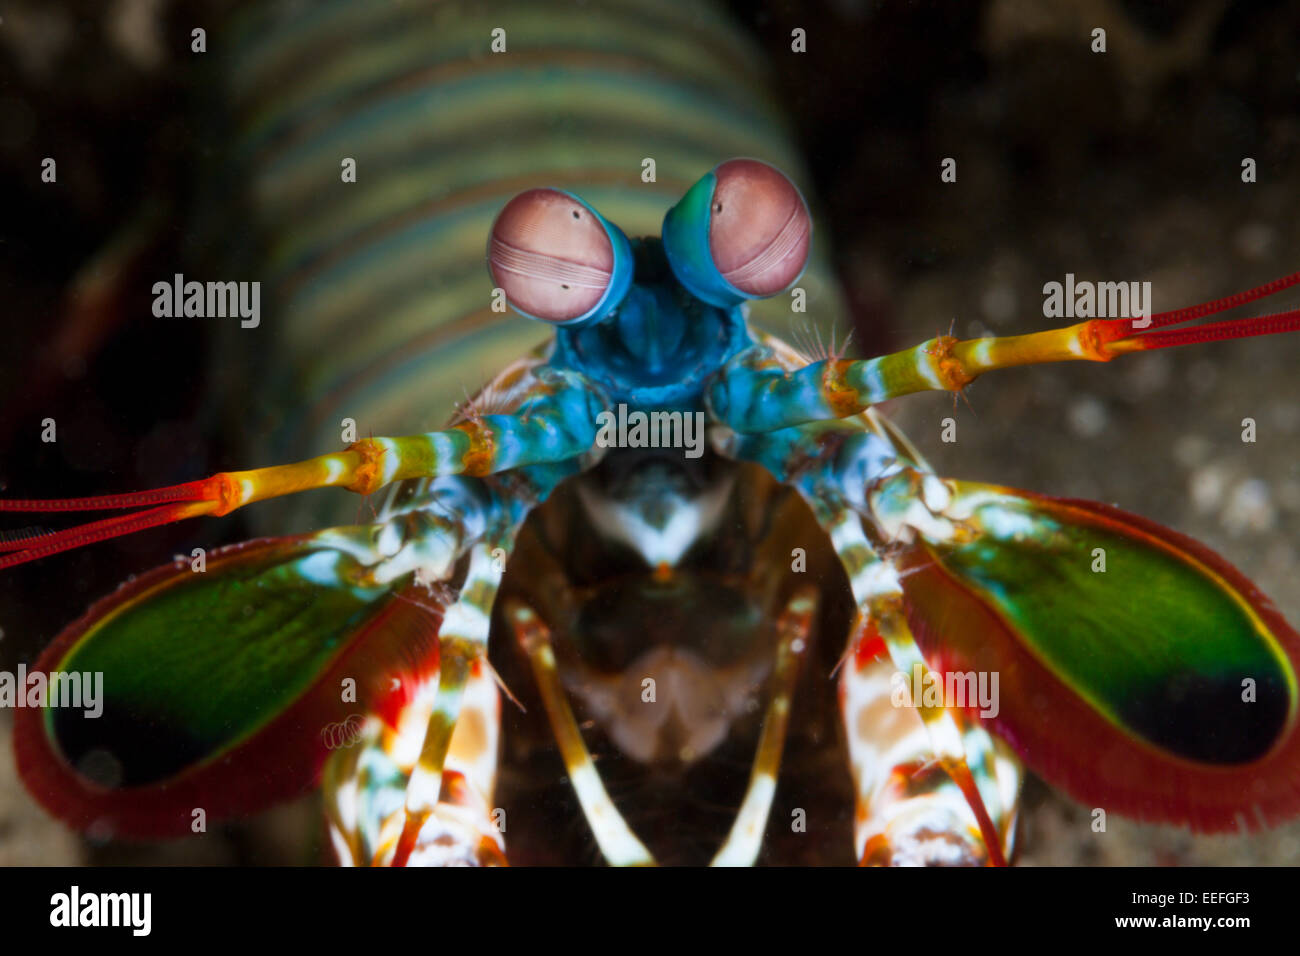 Fangschreckenkrebse, Odontodactylus Scyllarus, Ambon, Molukken, Indonesien Stockbild